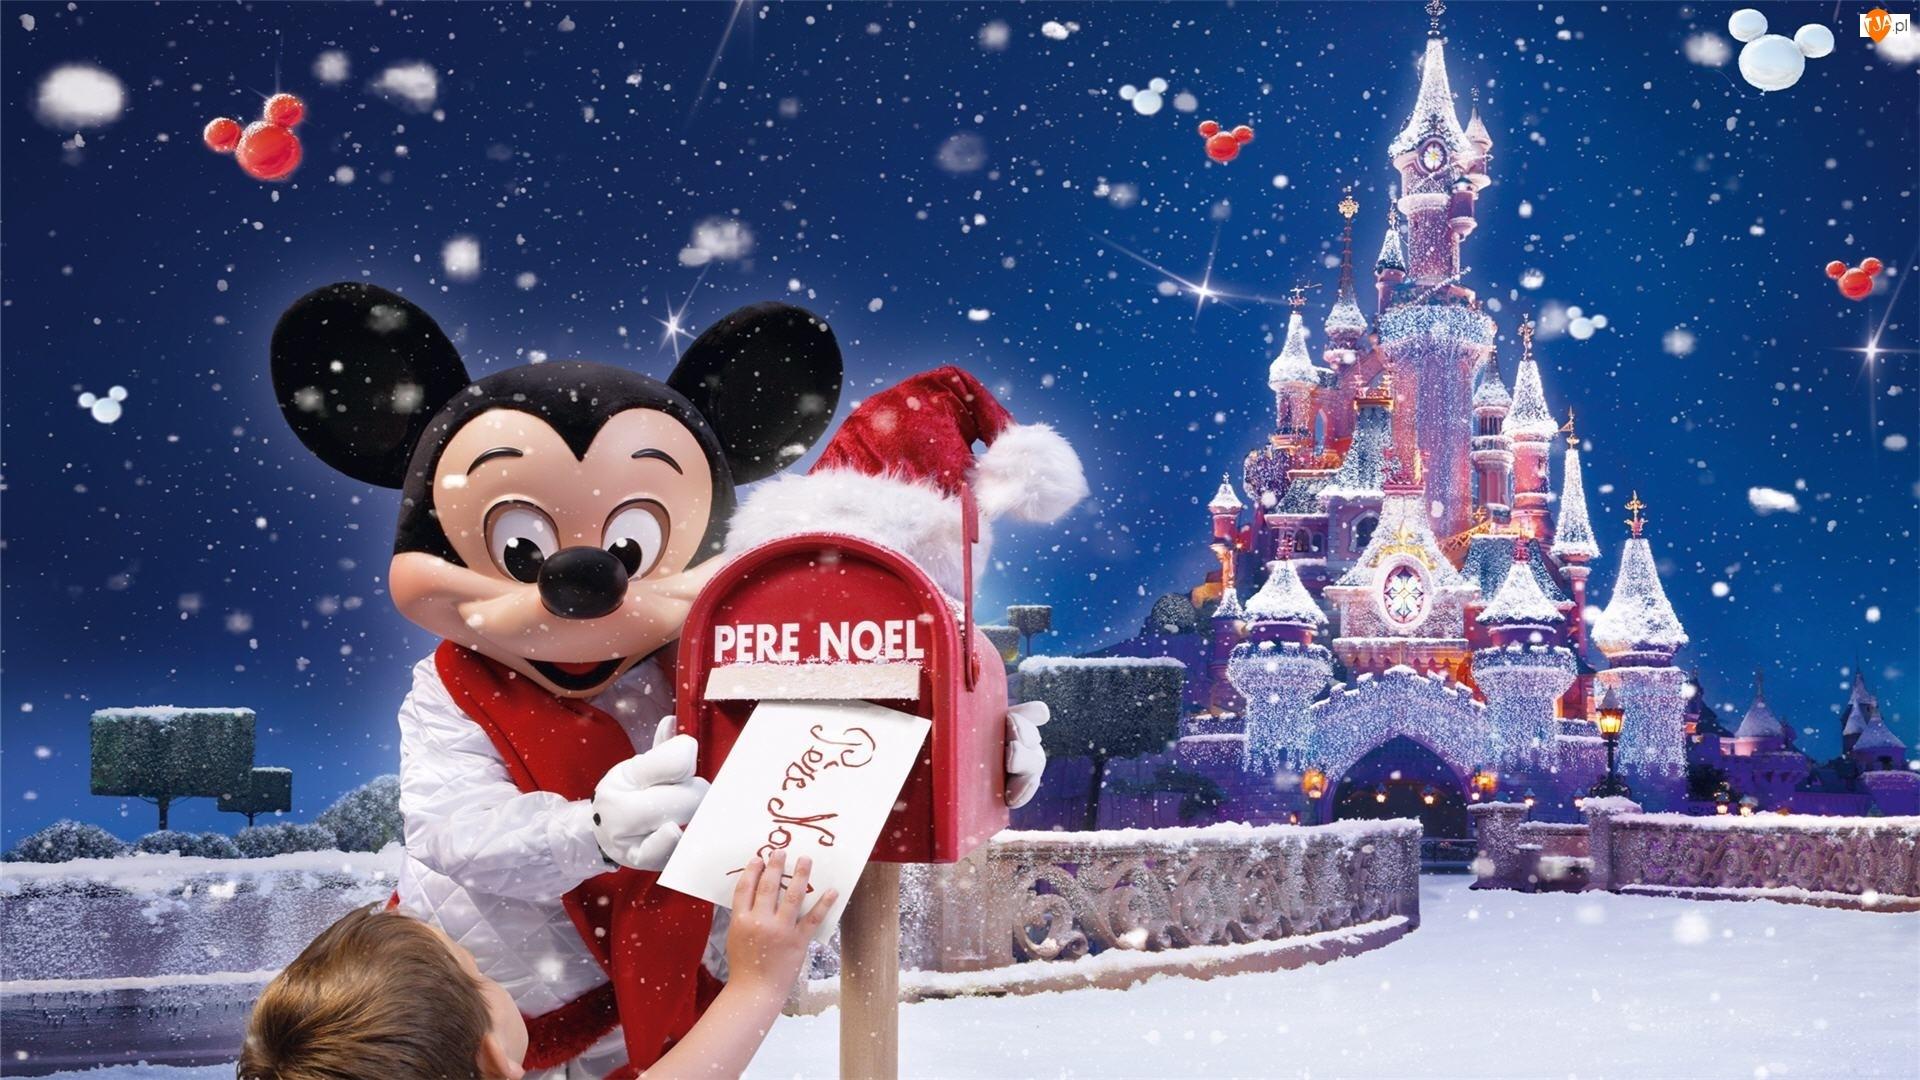 Śnieg, Disneyland, List, Myszka Miki, Zamek